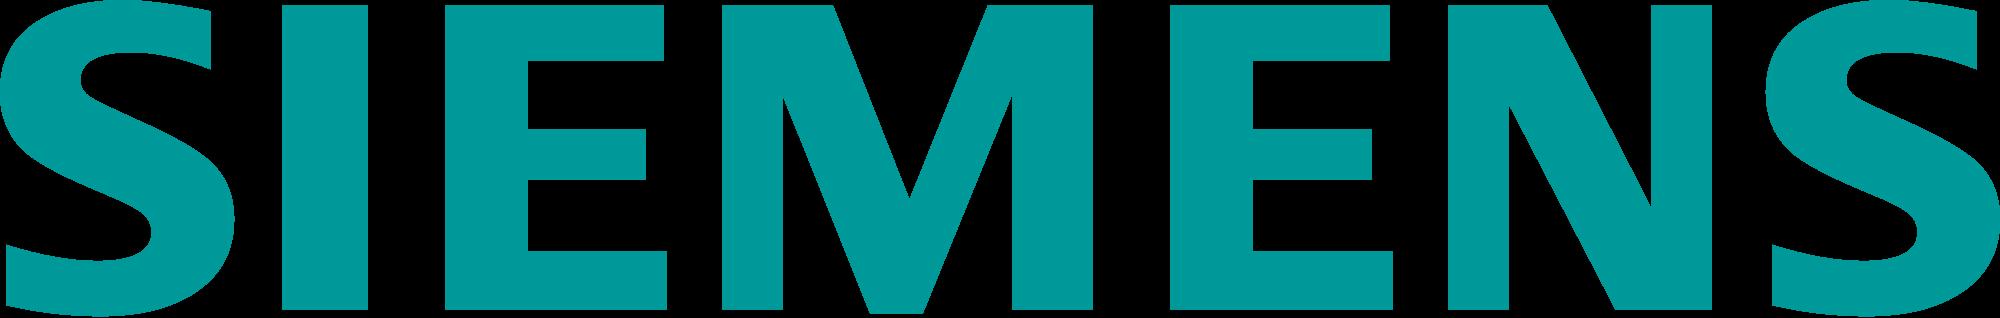 Mehldau & Steinfath Kunden und Partner Siemens Logo